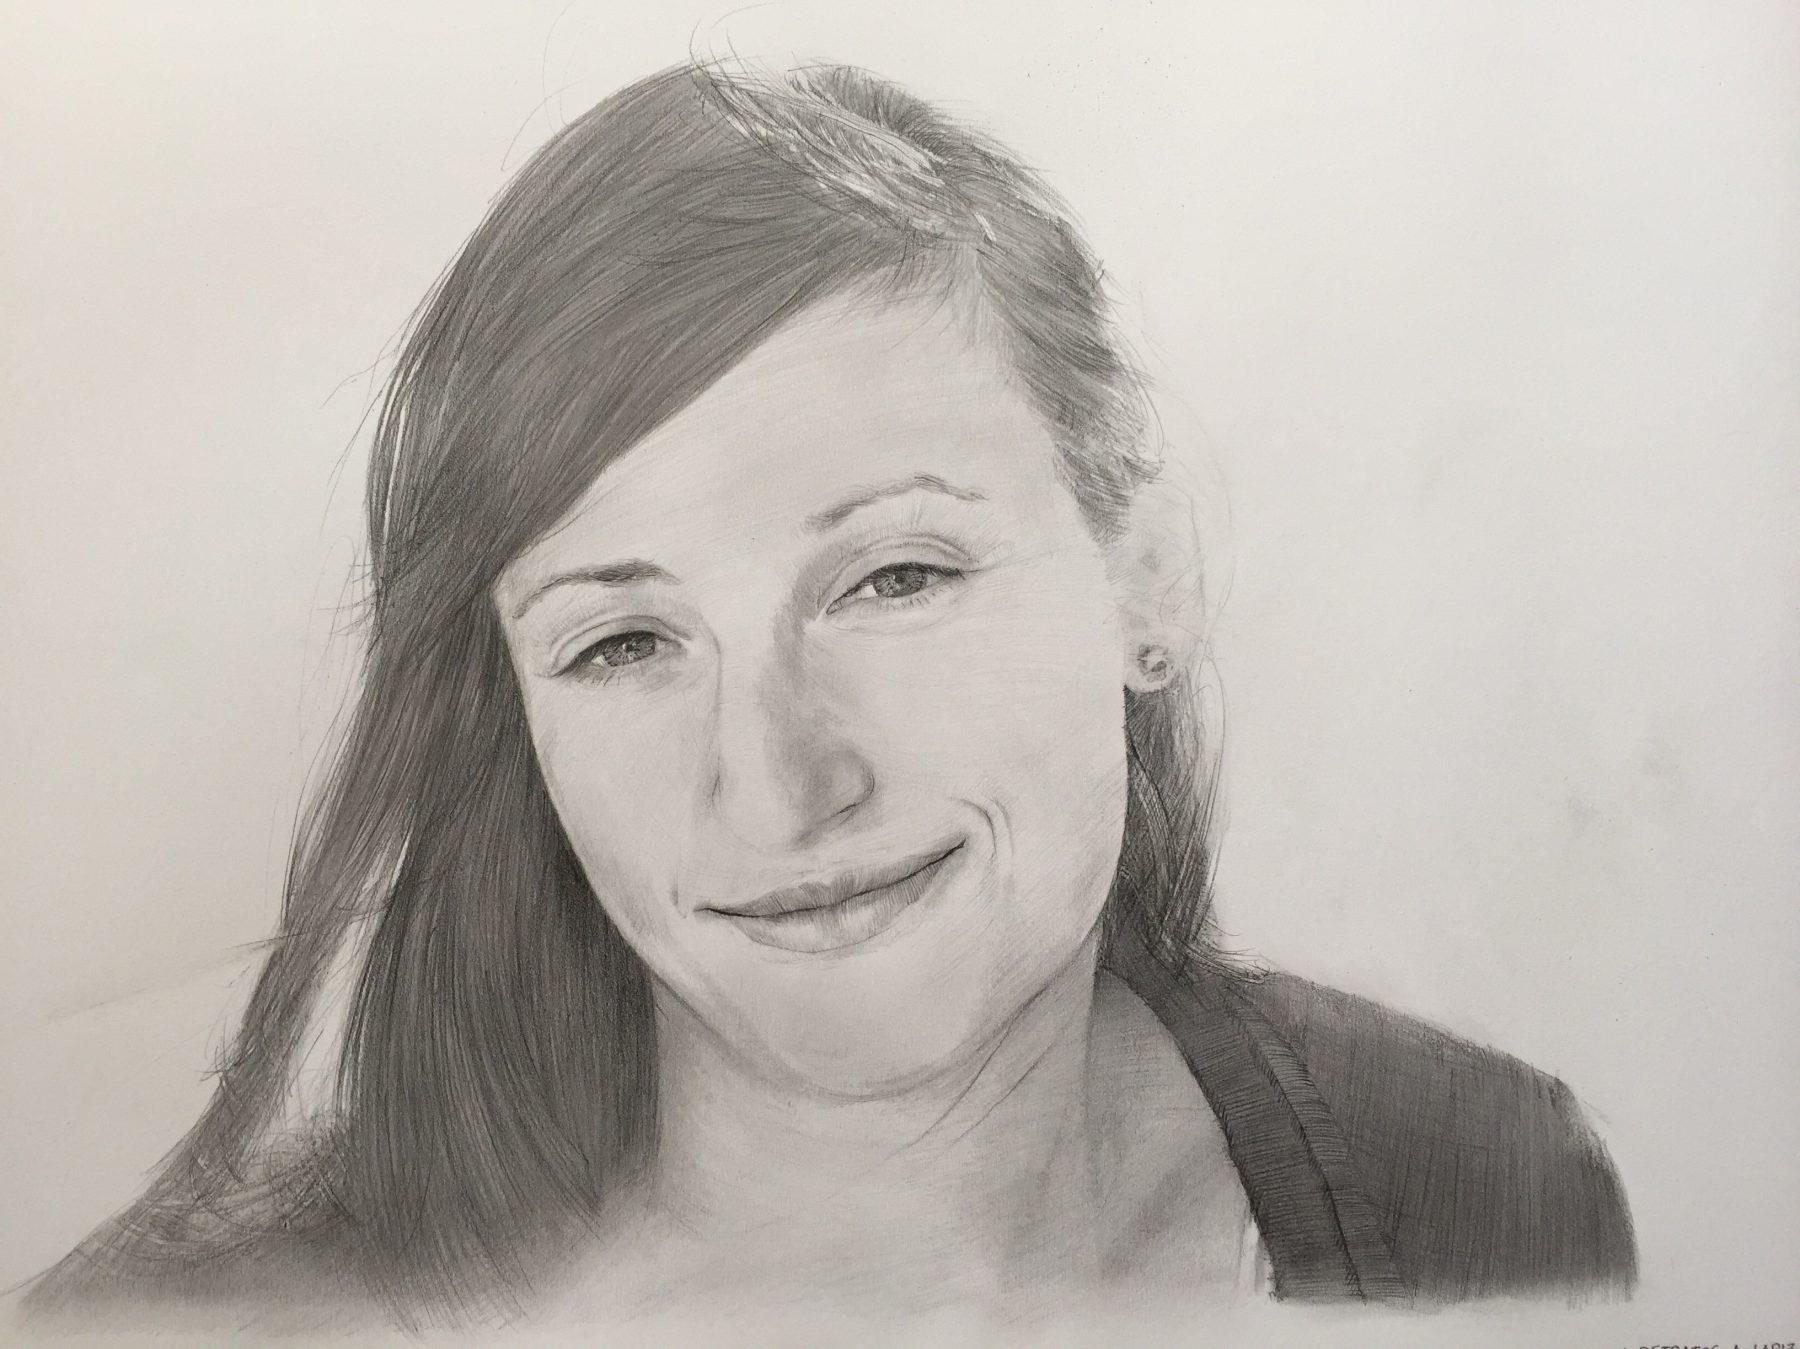 retratos-por-encargo-28-e1488878990411